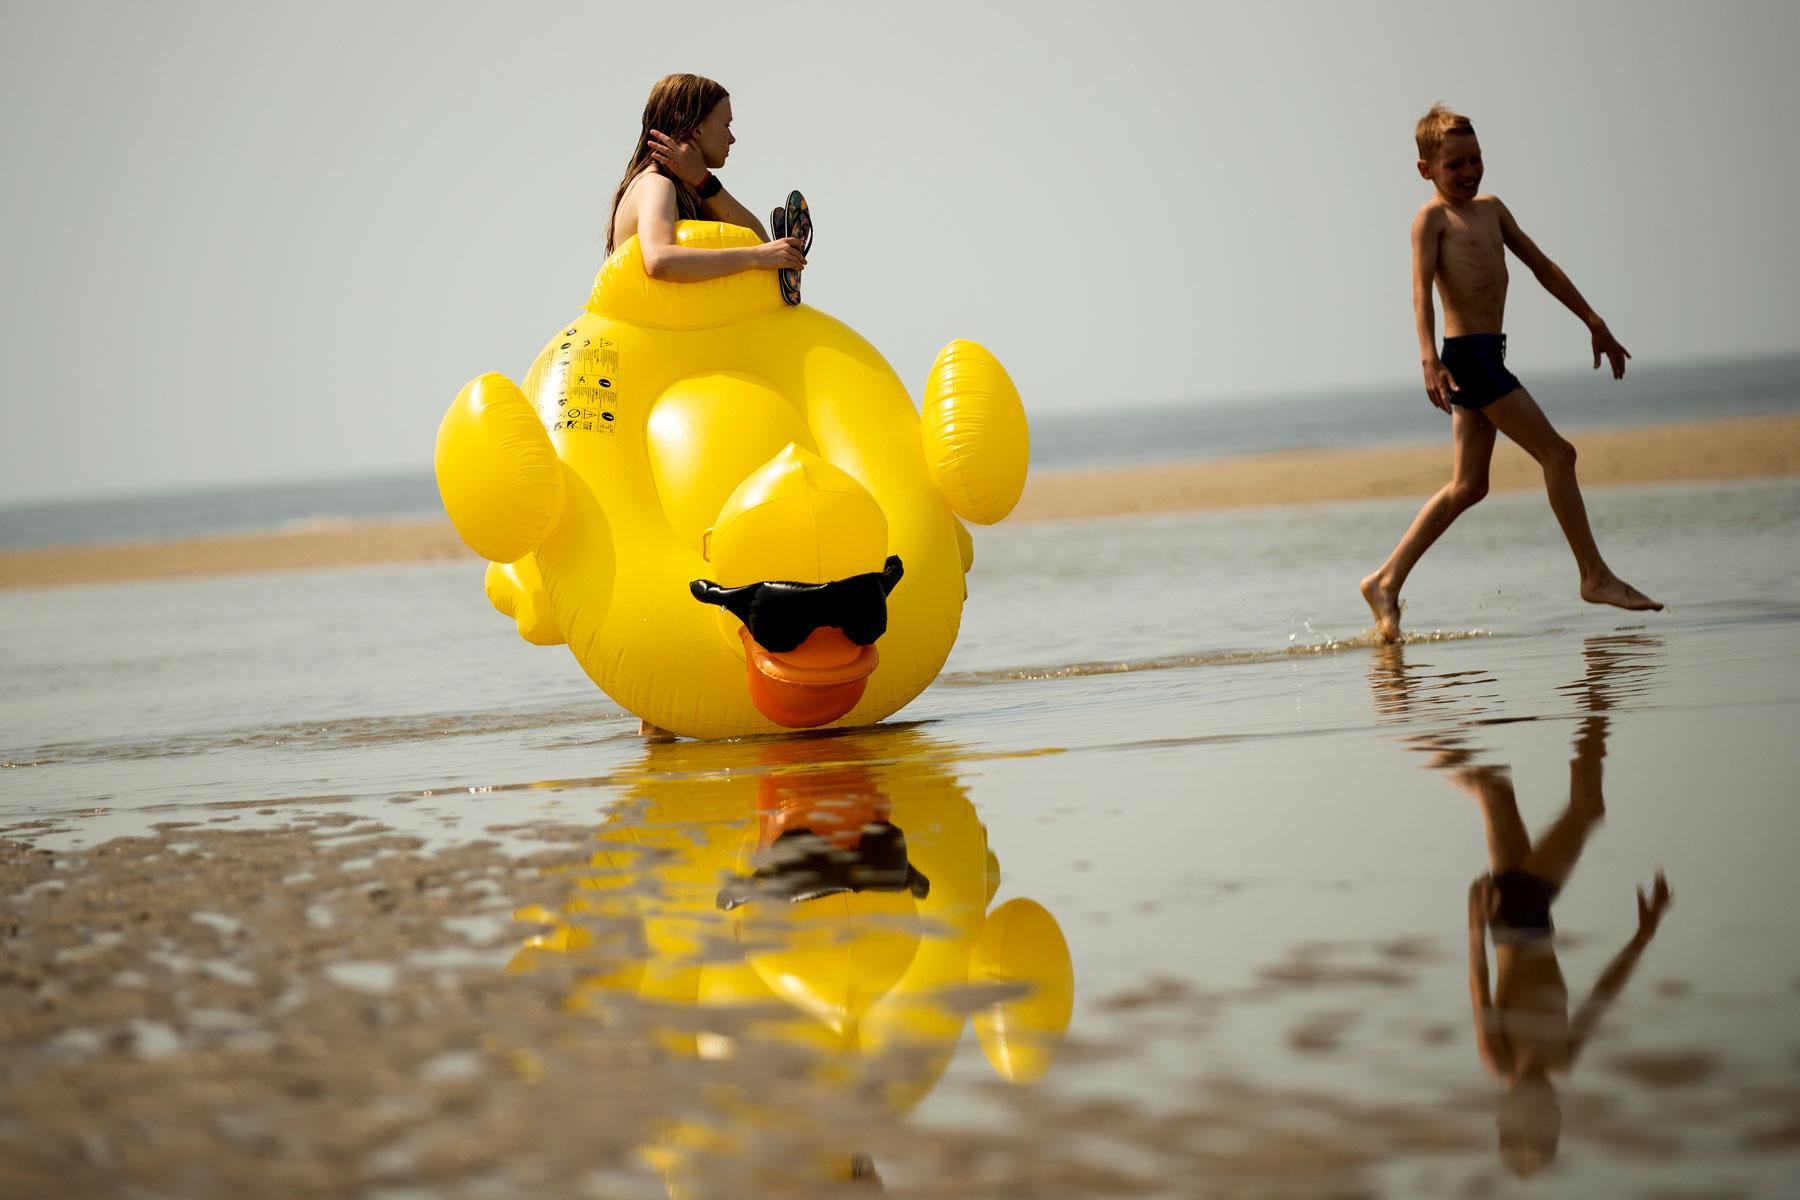 Дети играют напляже вжаркий день вДе Хаан, Бельгия.